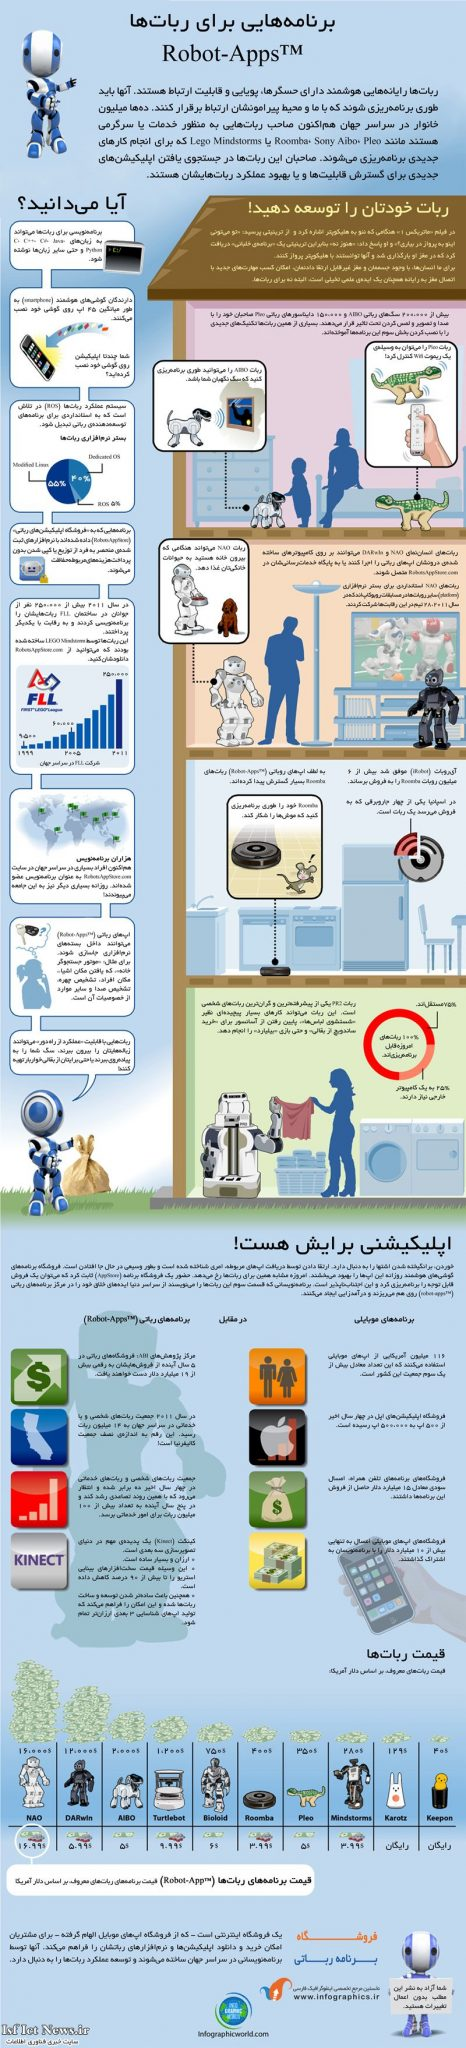 اینفوگرافیک : برنامه هایی برای ربات ها